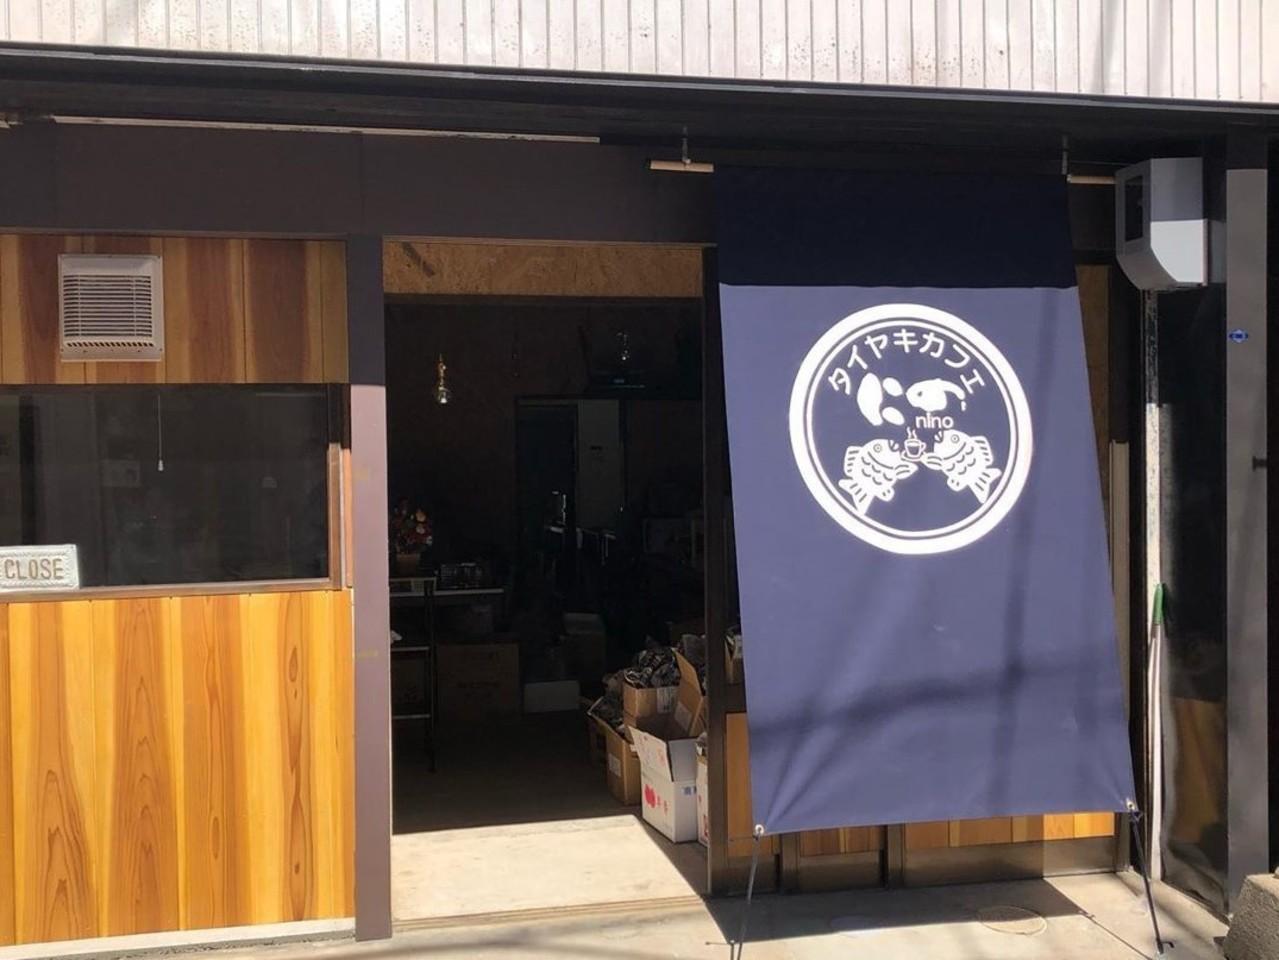 三重県津市久居ニノ町に「タイヤキカフェ にの」が本日プレオープンのようです。